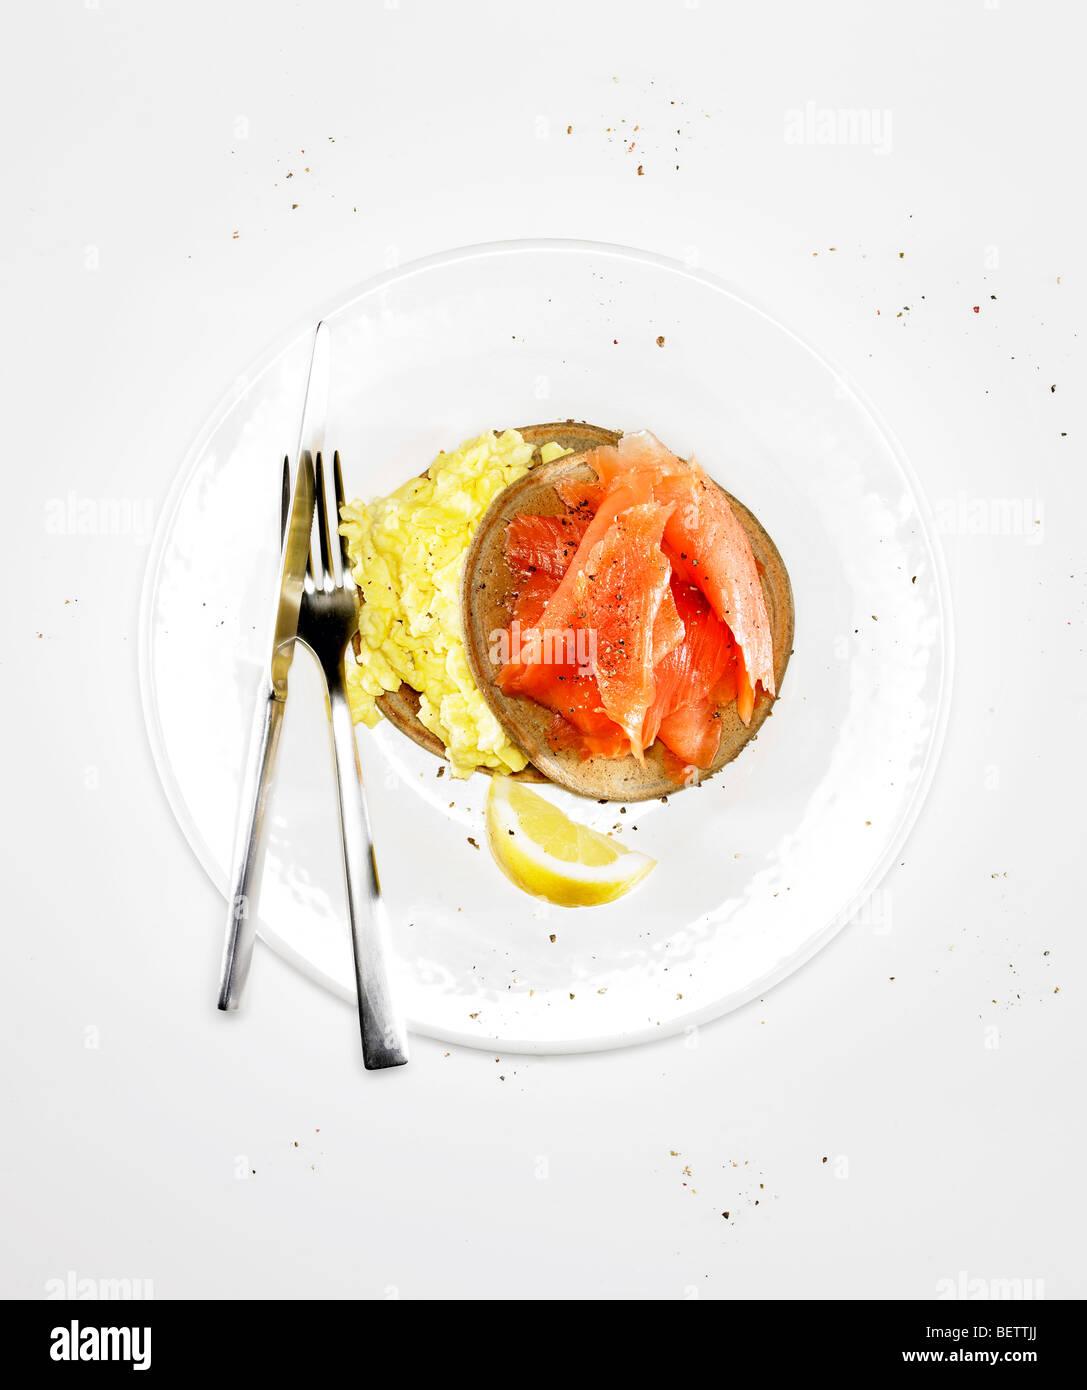 Roulés de crêpes aux oeufs et saumon fumé. Photo Stock